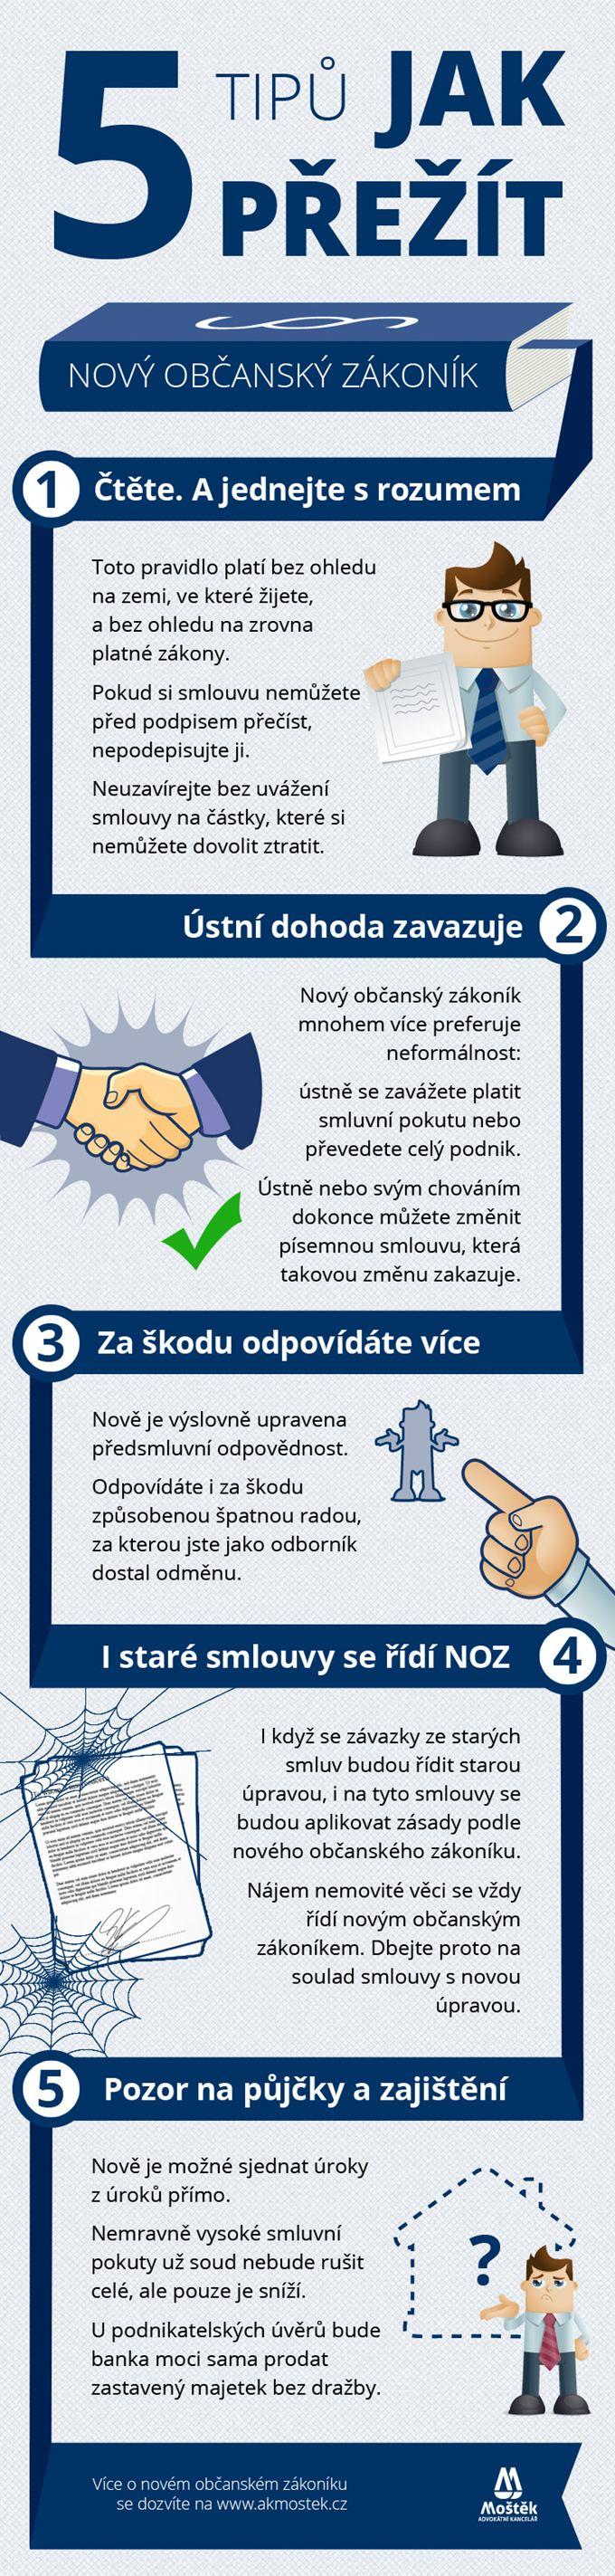 Nový občanský zákoník infografika